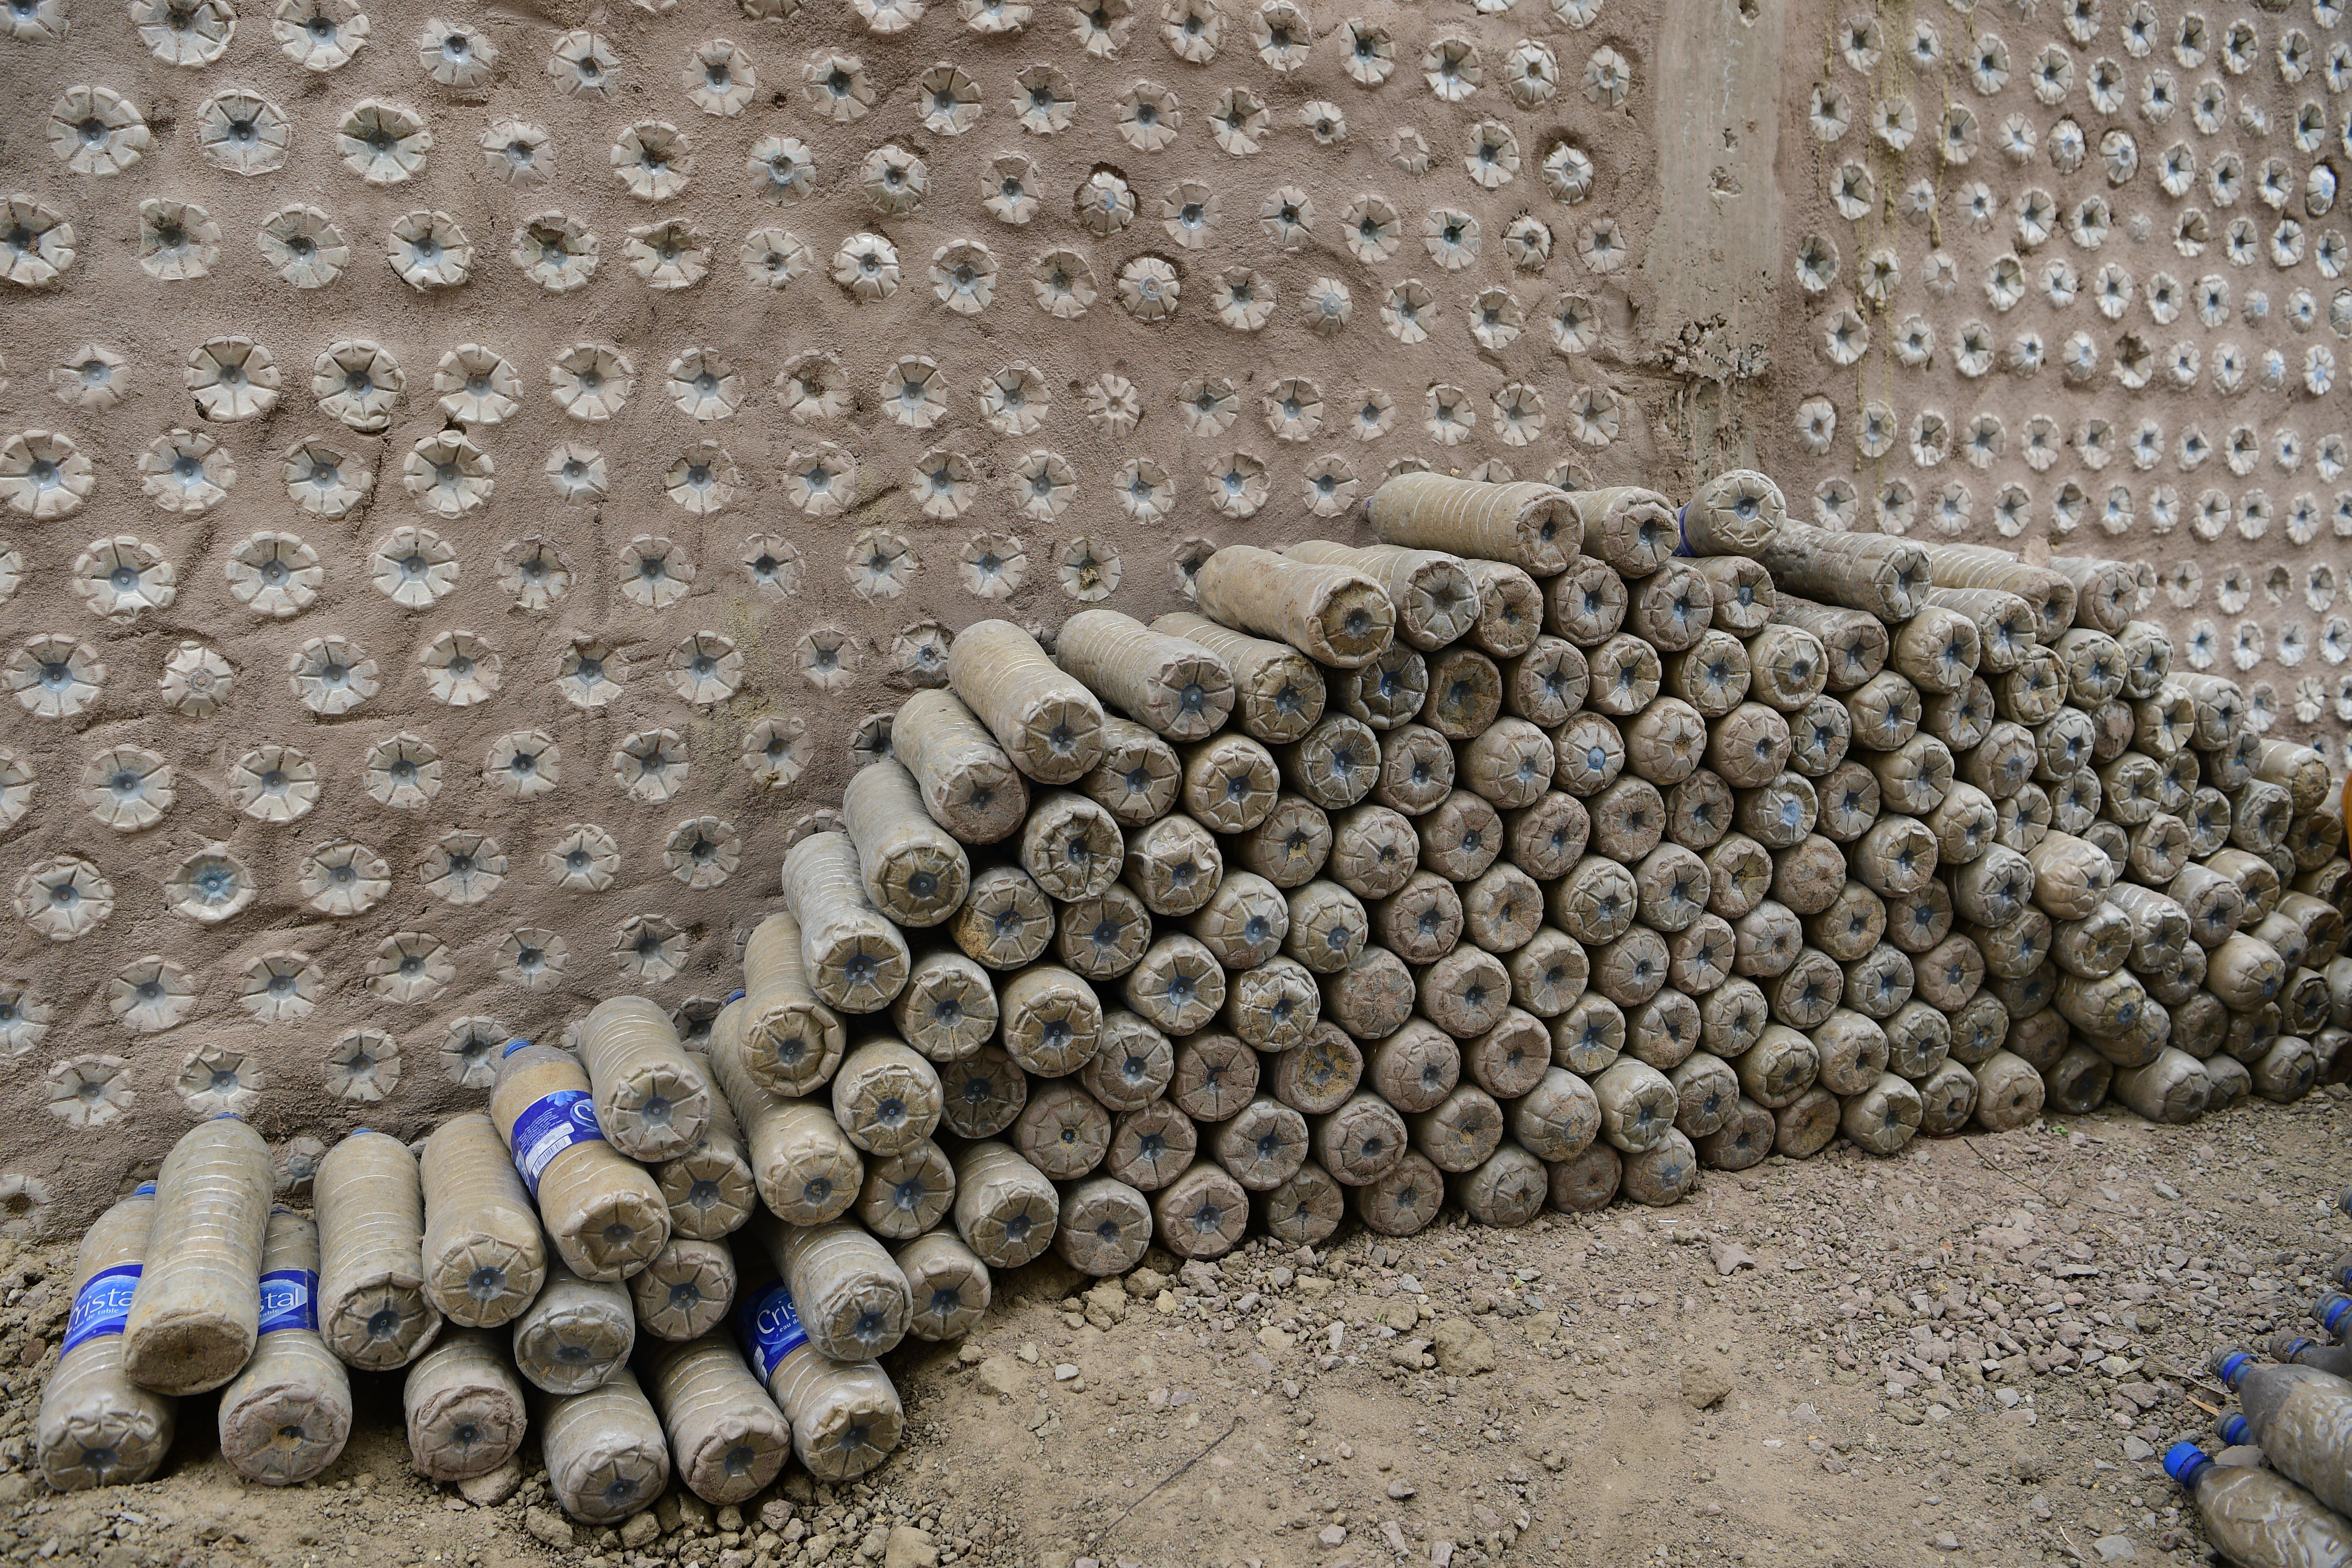 Le bottiglie riempite di sabbia vengono impilate per costituire la parete della scuola